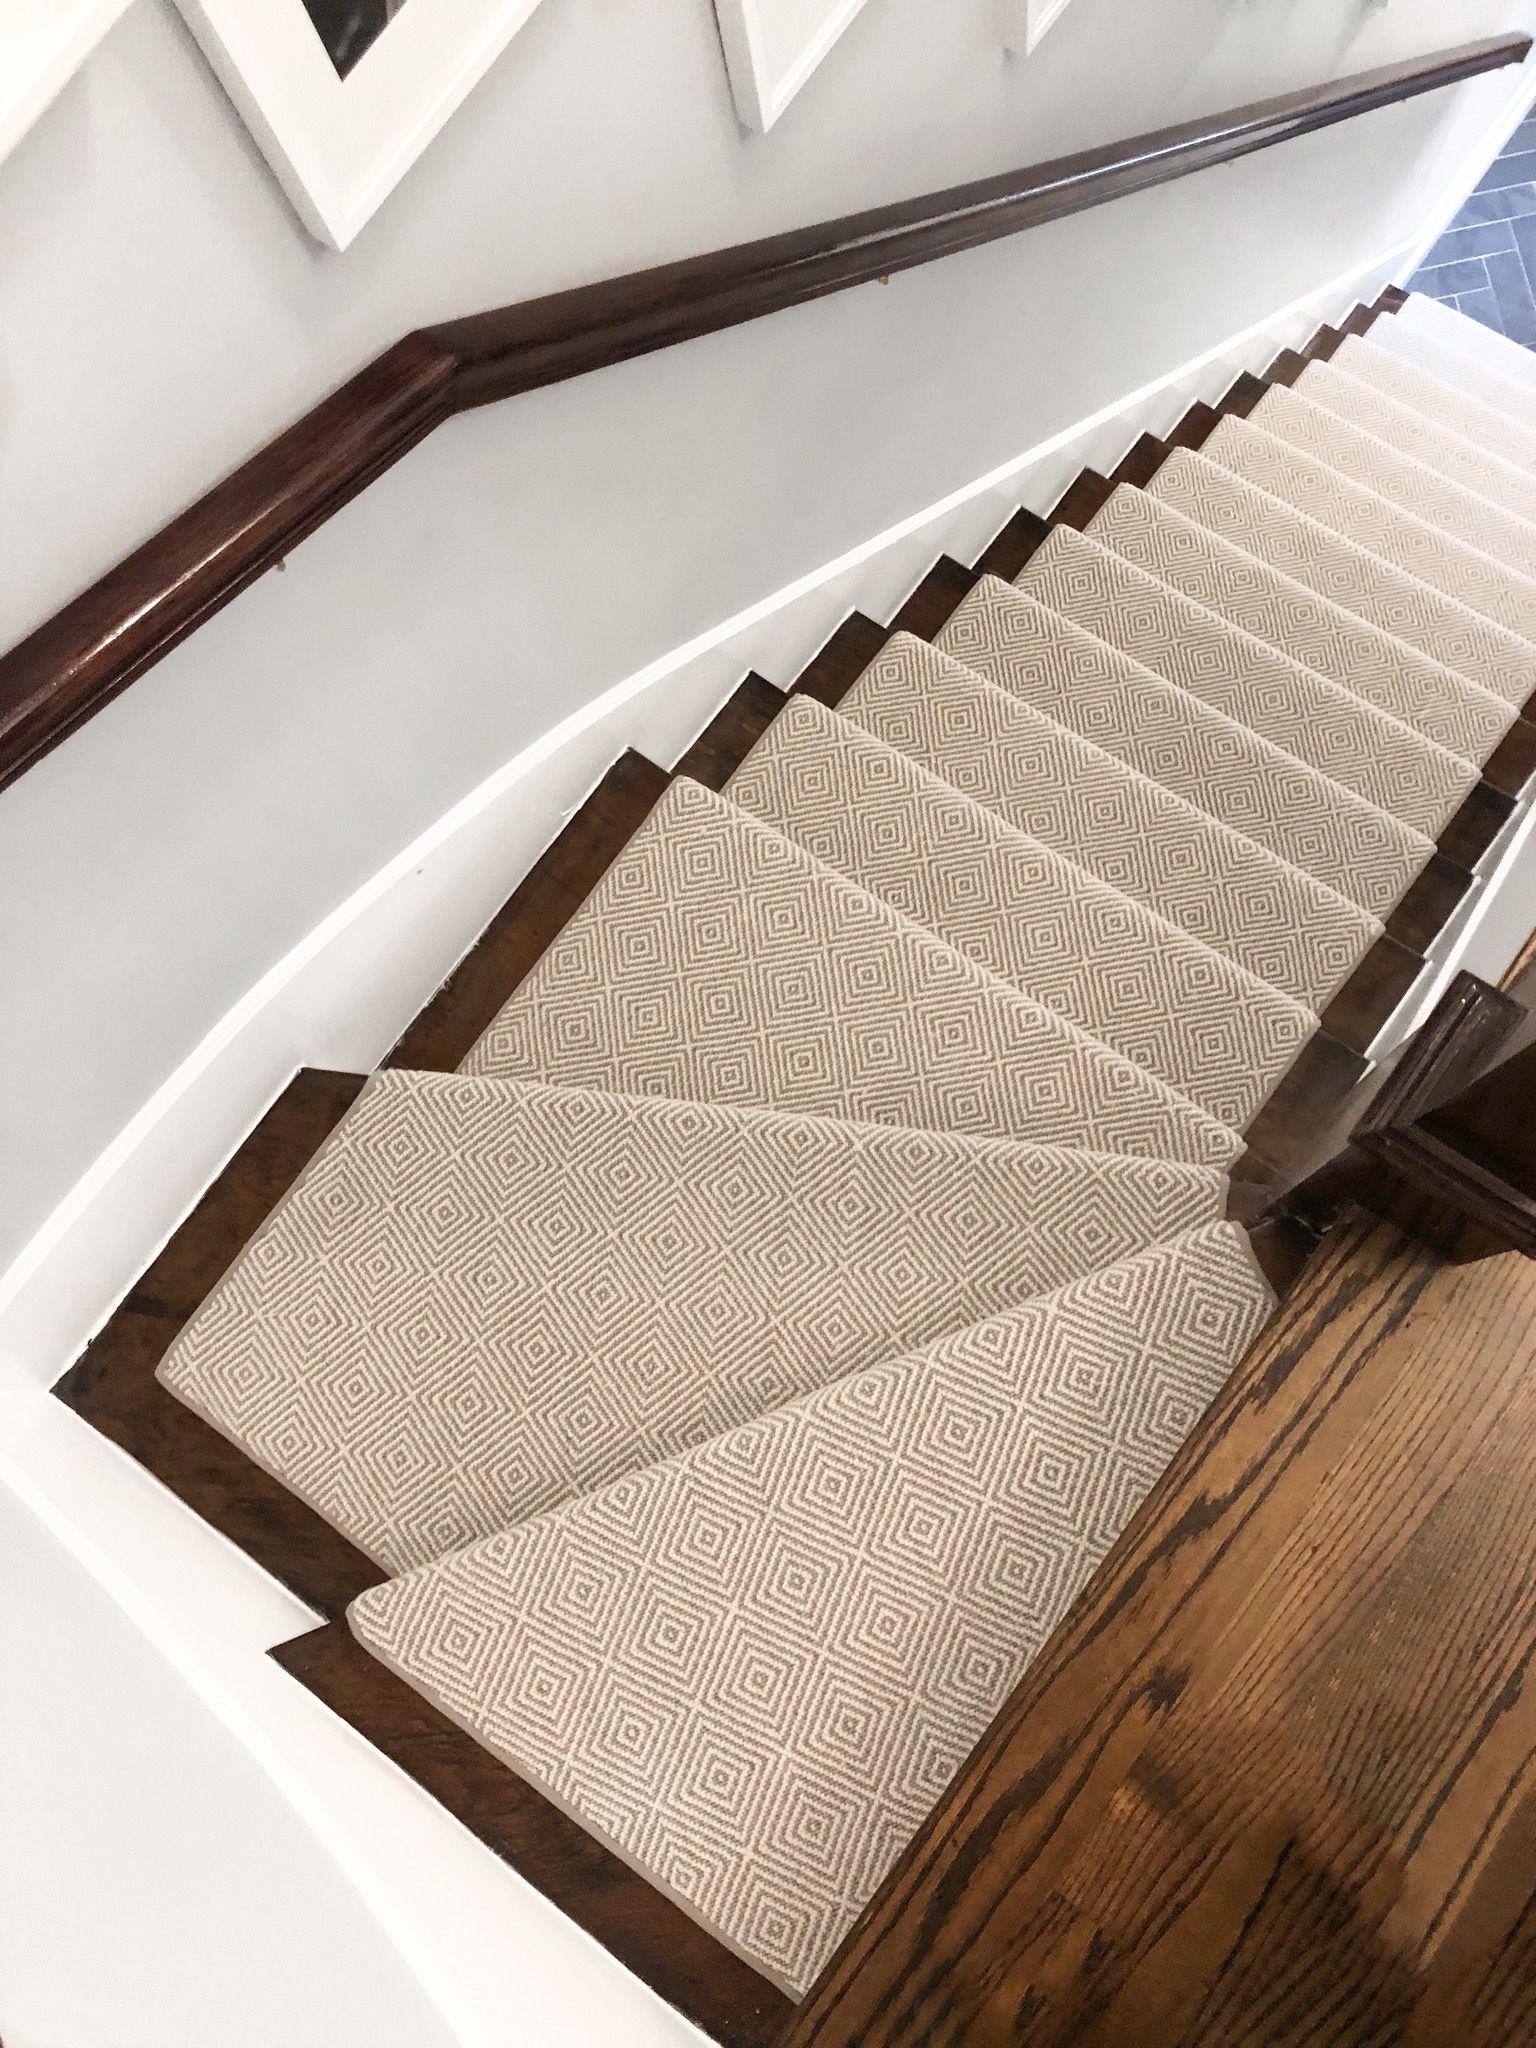 Neutral Patterned Stair Runner Stair Runner Home Carpet Staircase Makeover